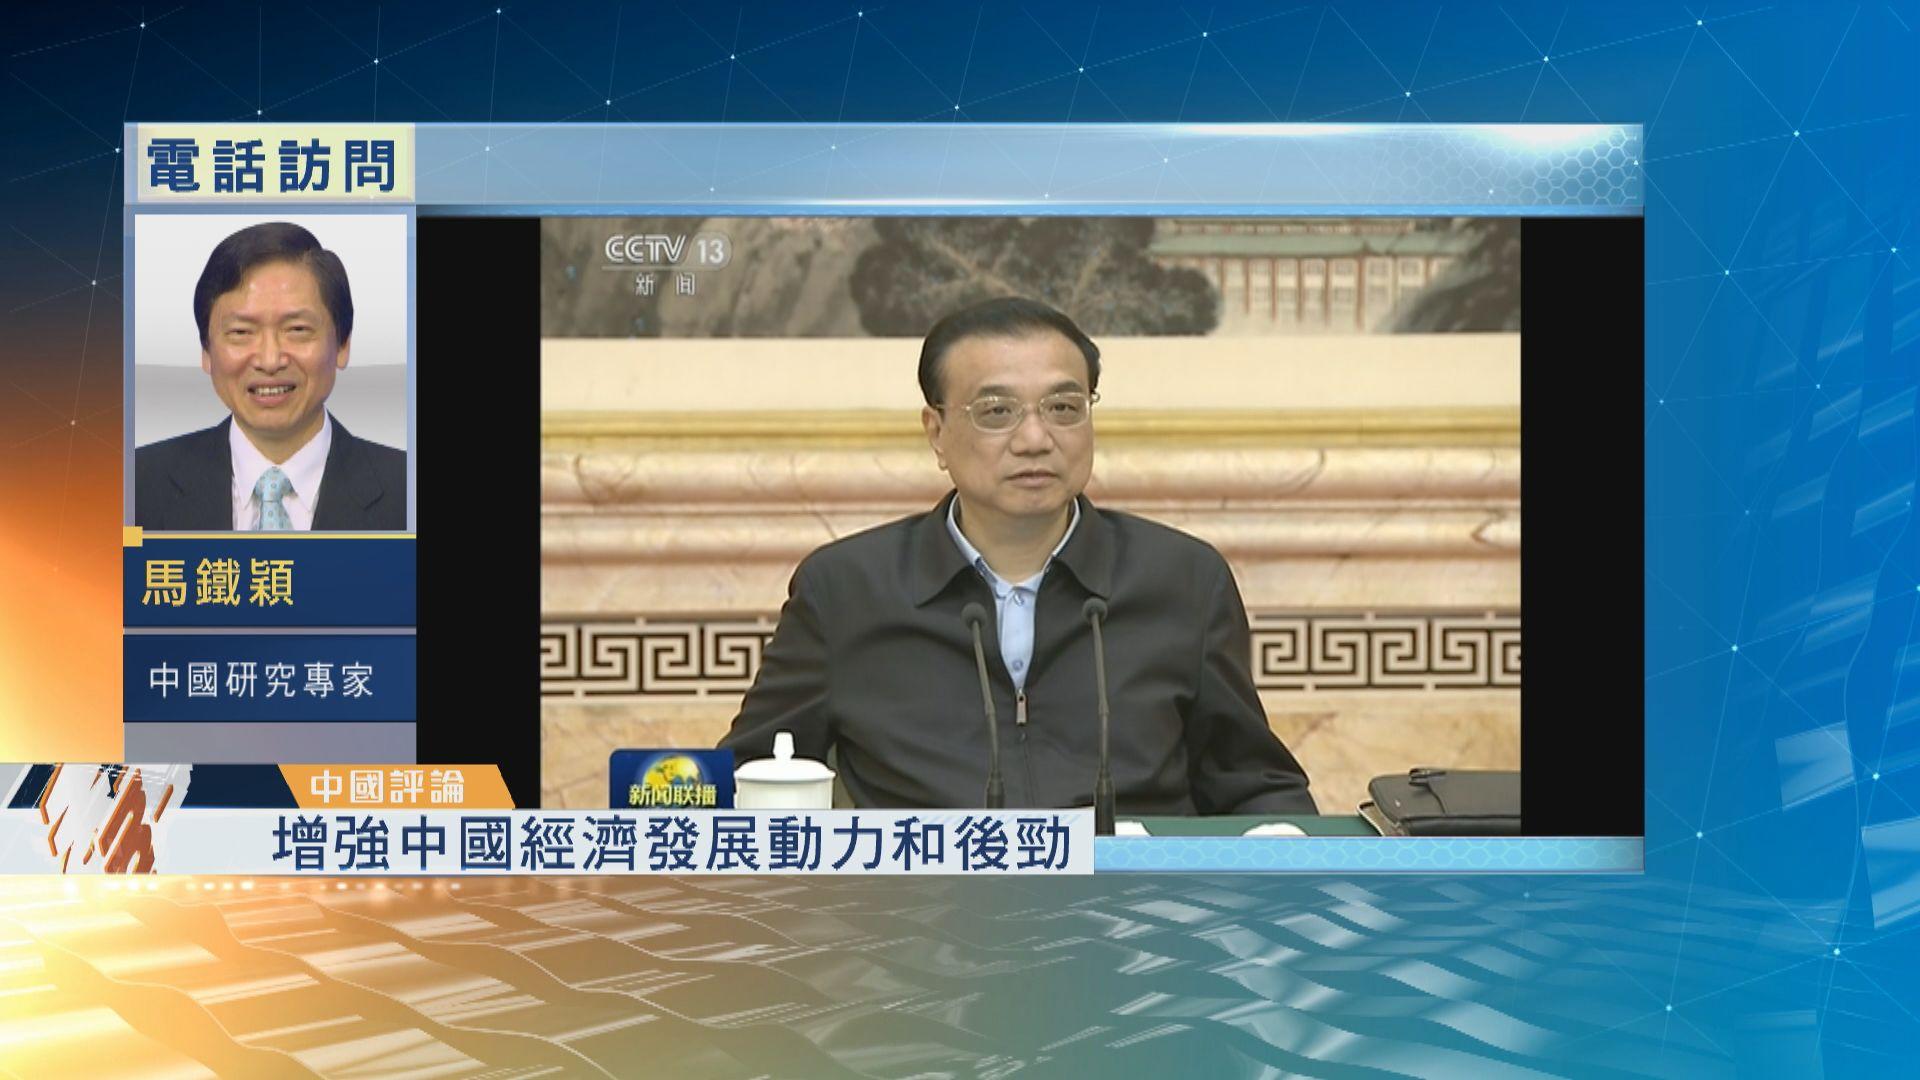 【中國評論】中美貿易戰暫停火